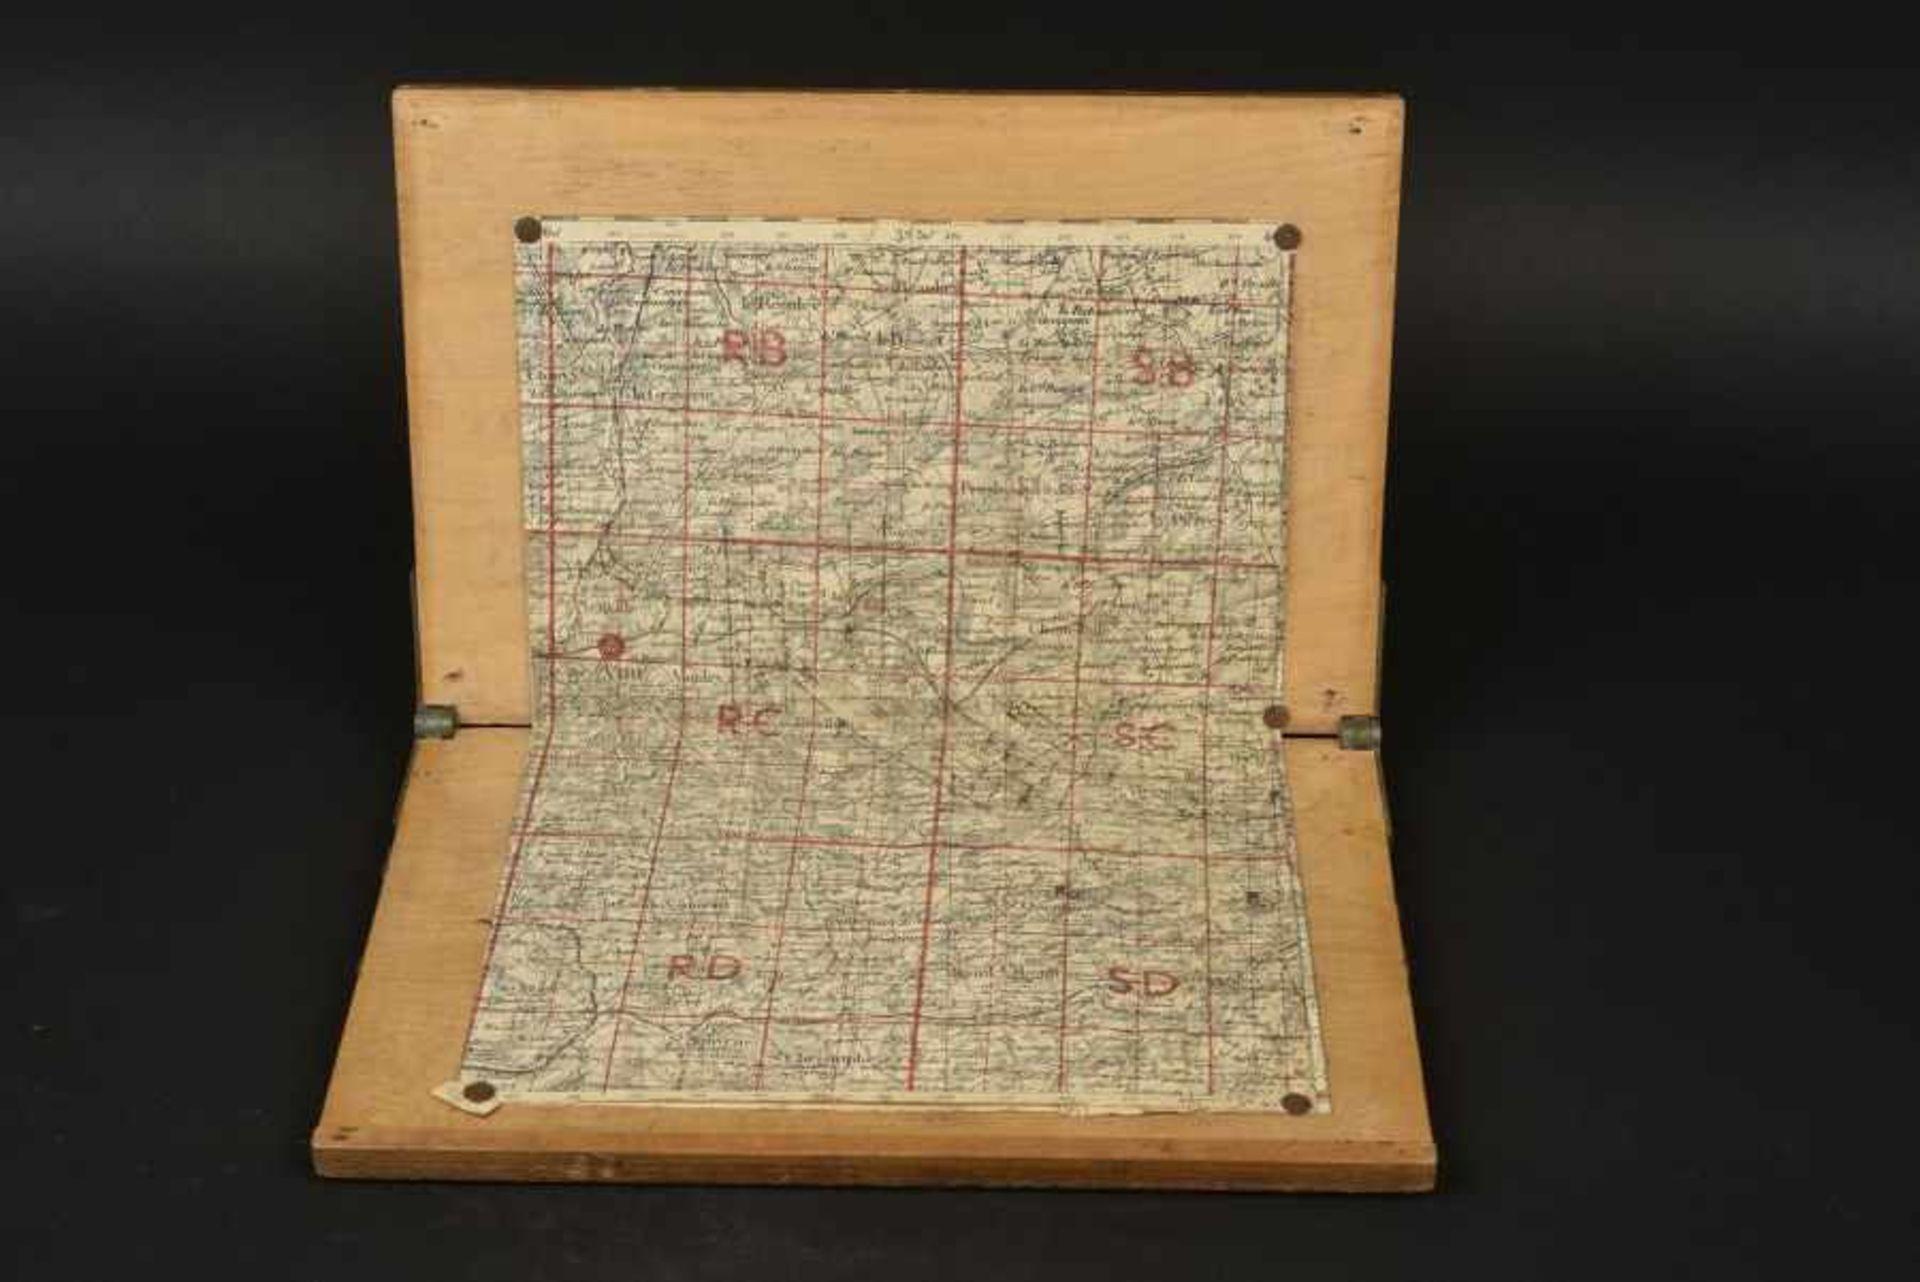 Carte d'Etat Major du secteur de Chênedollé, lieu d'un important combat de blindés entre Willy Fey